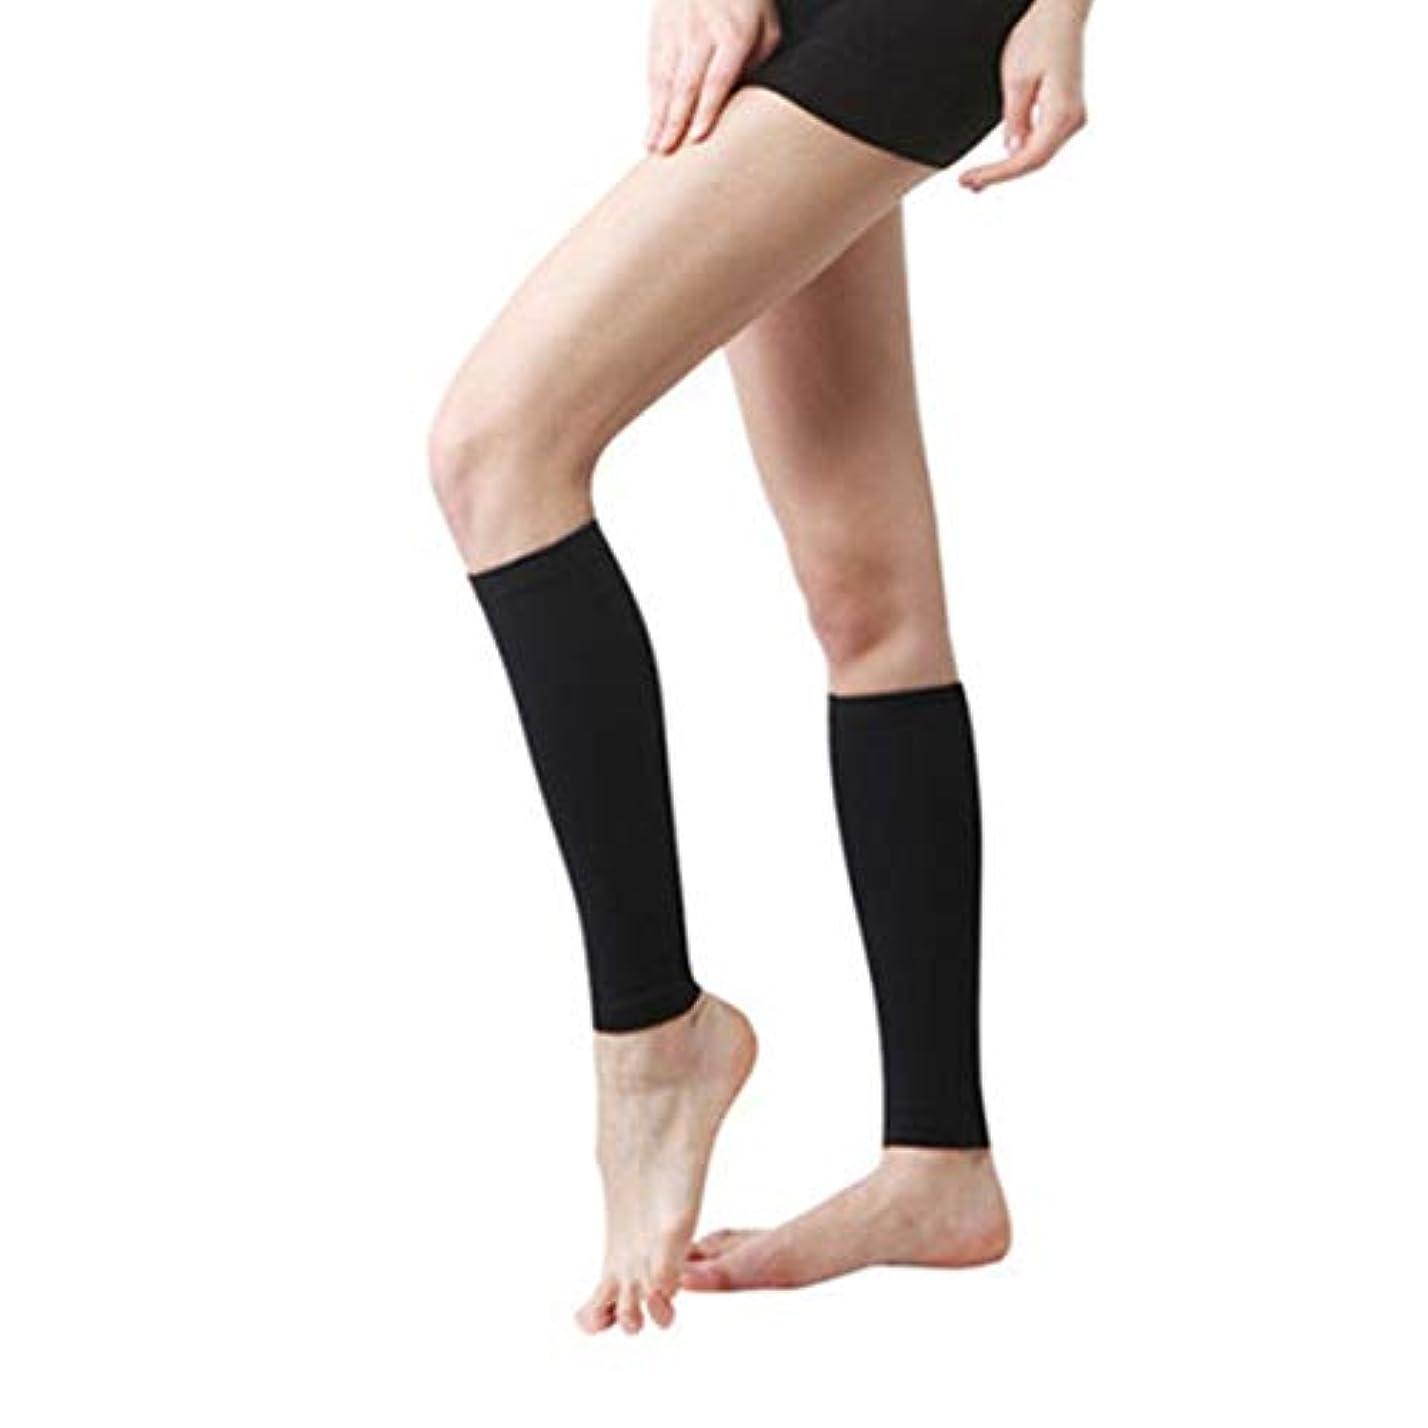 危険なアマチュアたぶん丈夫な男性女性プロの圧縮靴下通気性のある旅行活動看護師用シンススプリントフライトトラベル - ブラック